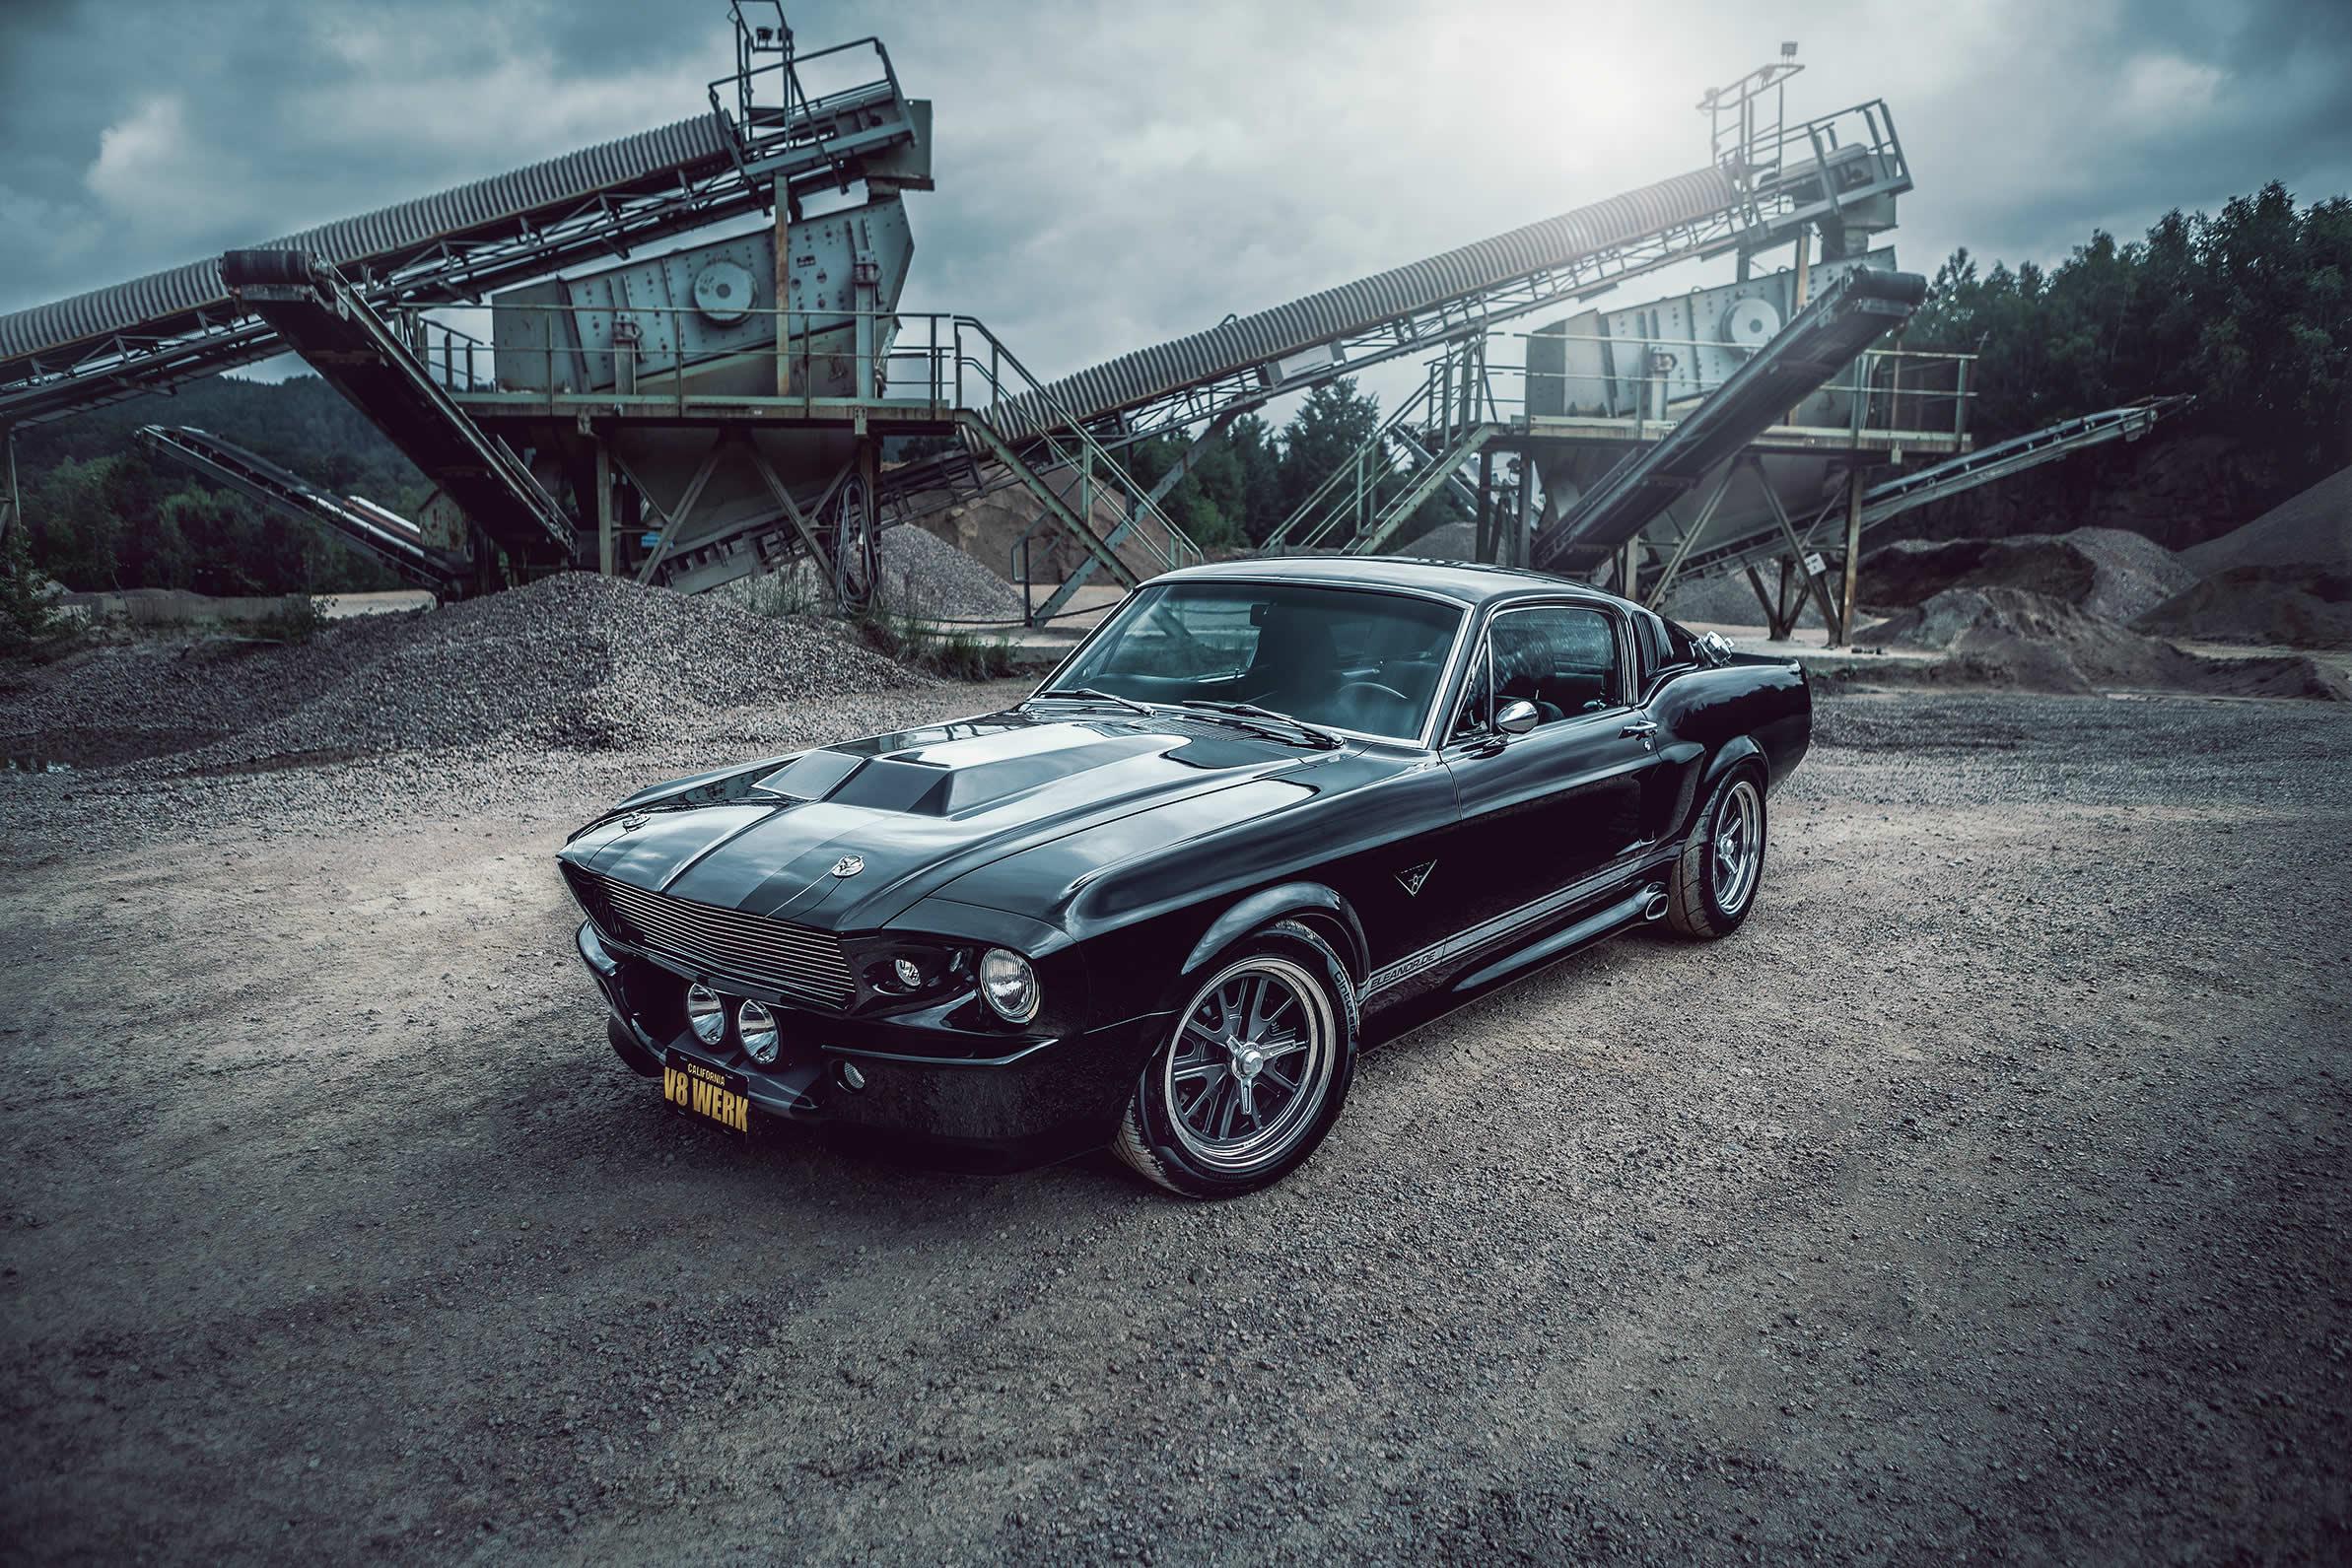 Ford Mustang von 1967 - ein individueller Restomod des V8 Werk